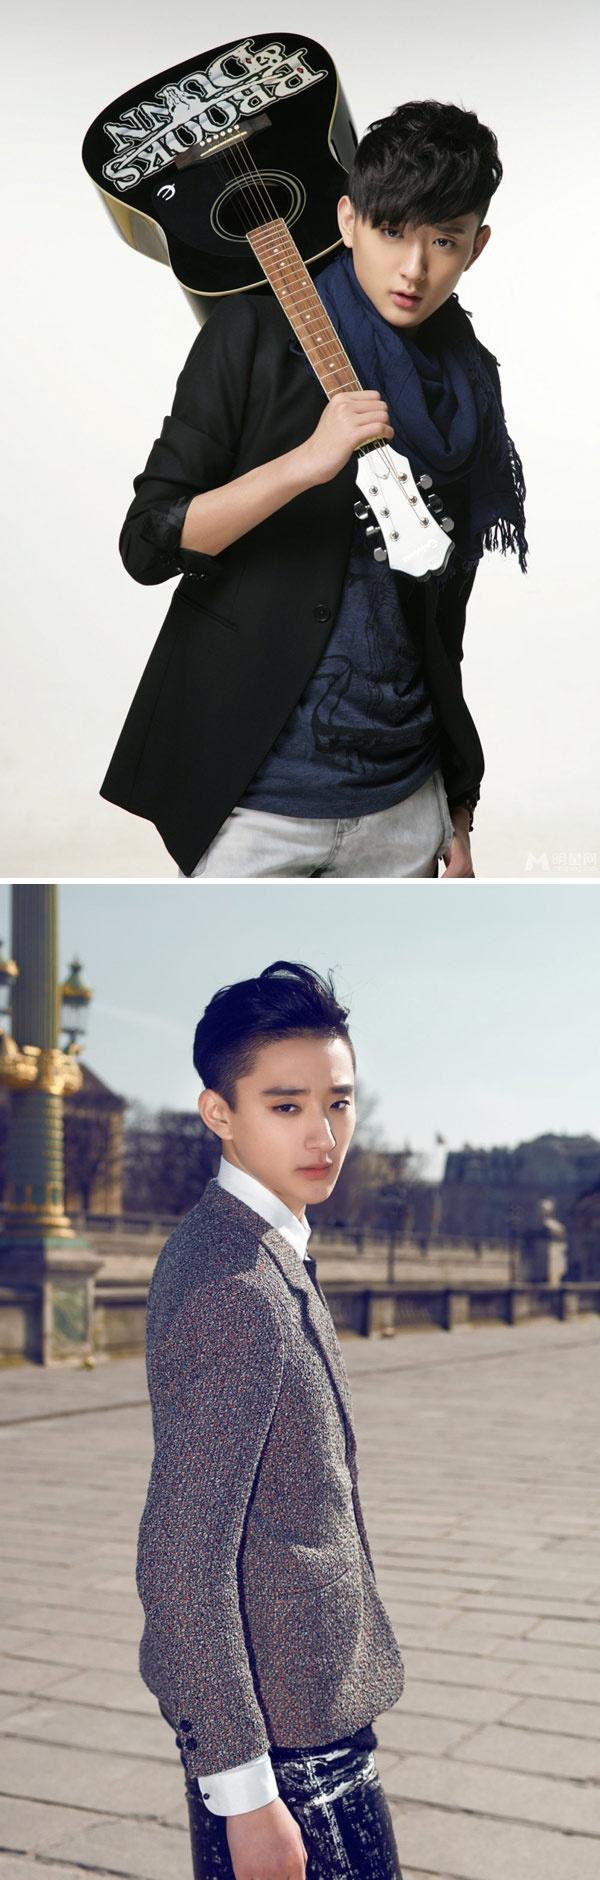 Kim Tan Trung Quoc la hot boy truong mua hinh anh 3